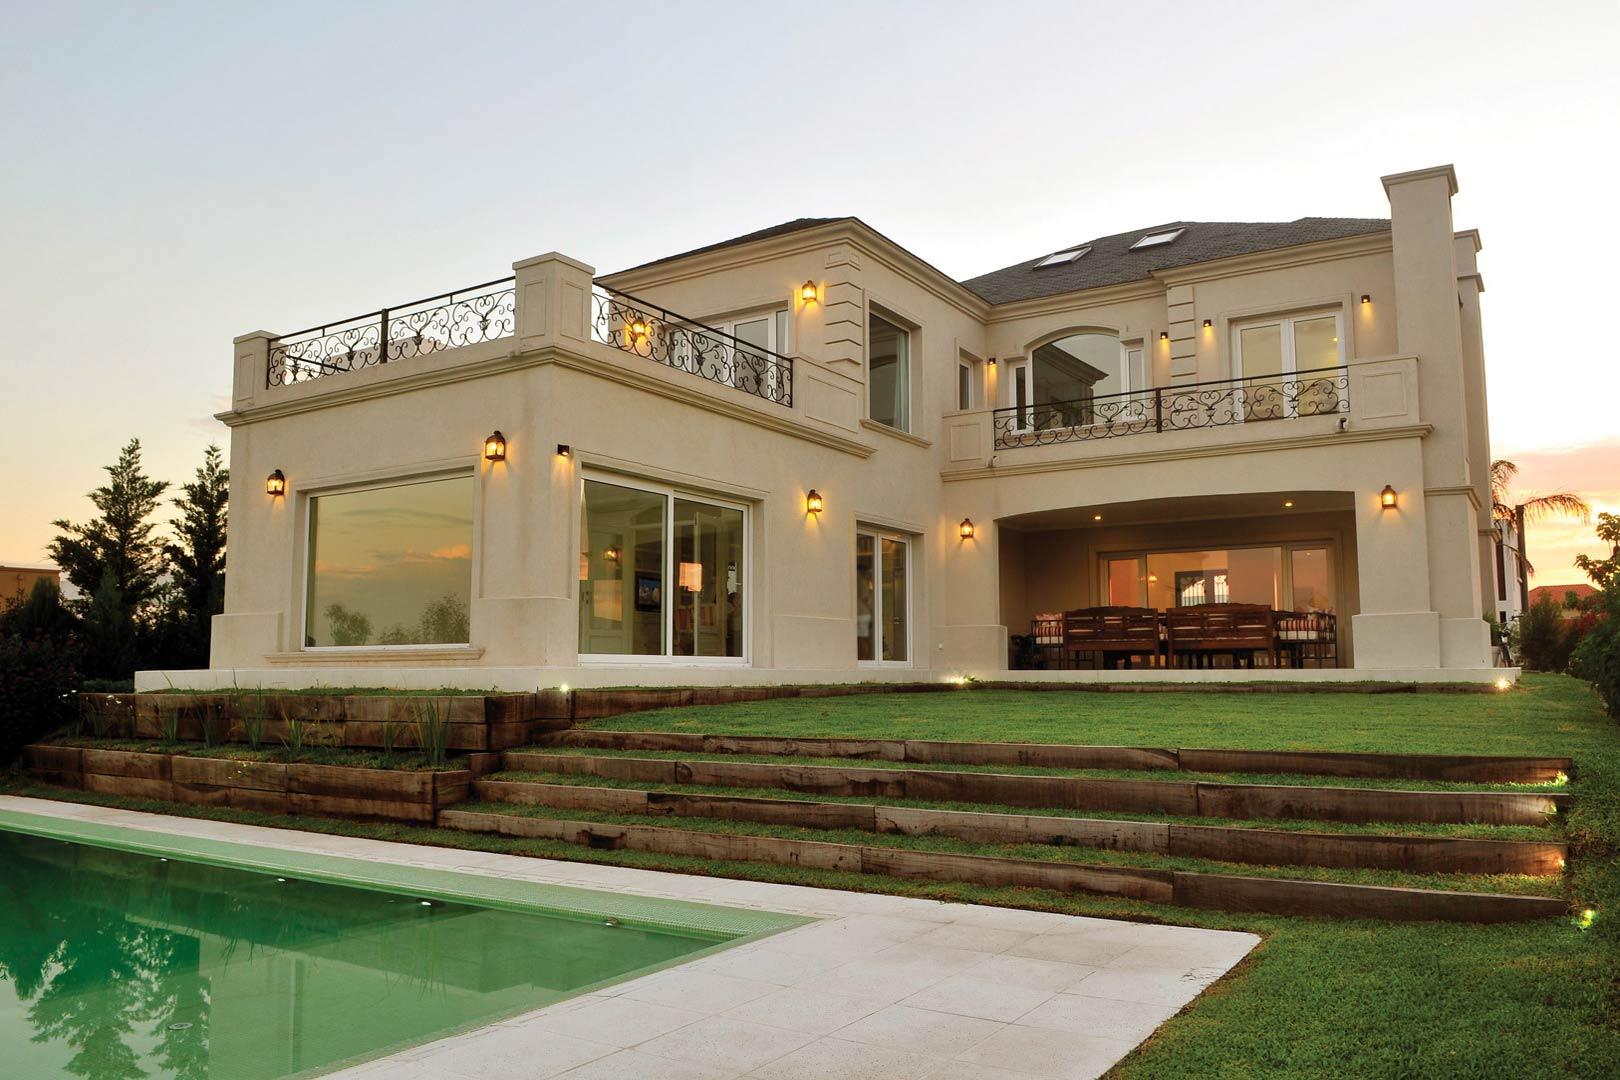 Estudio ciba arquitectura casa estilo cl sico ii for Estilos de casas arquitectura